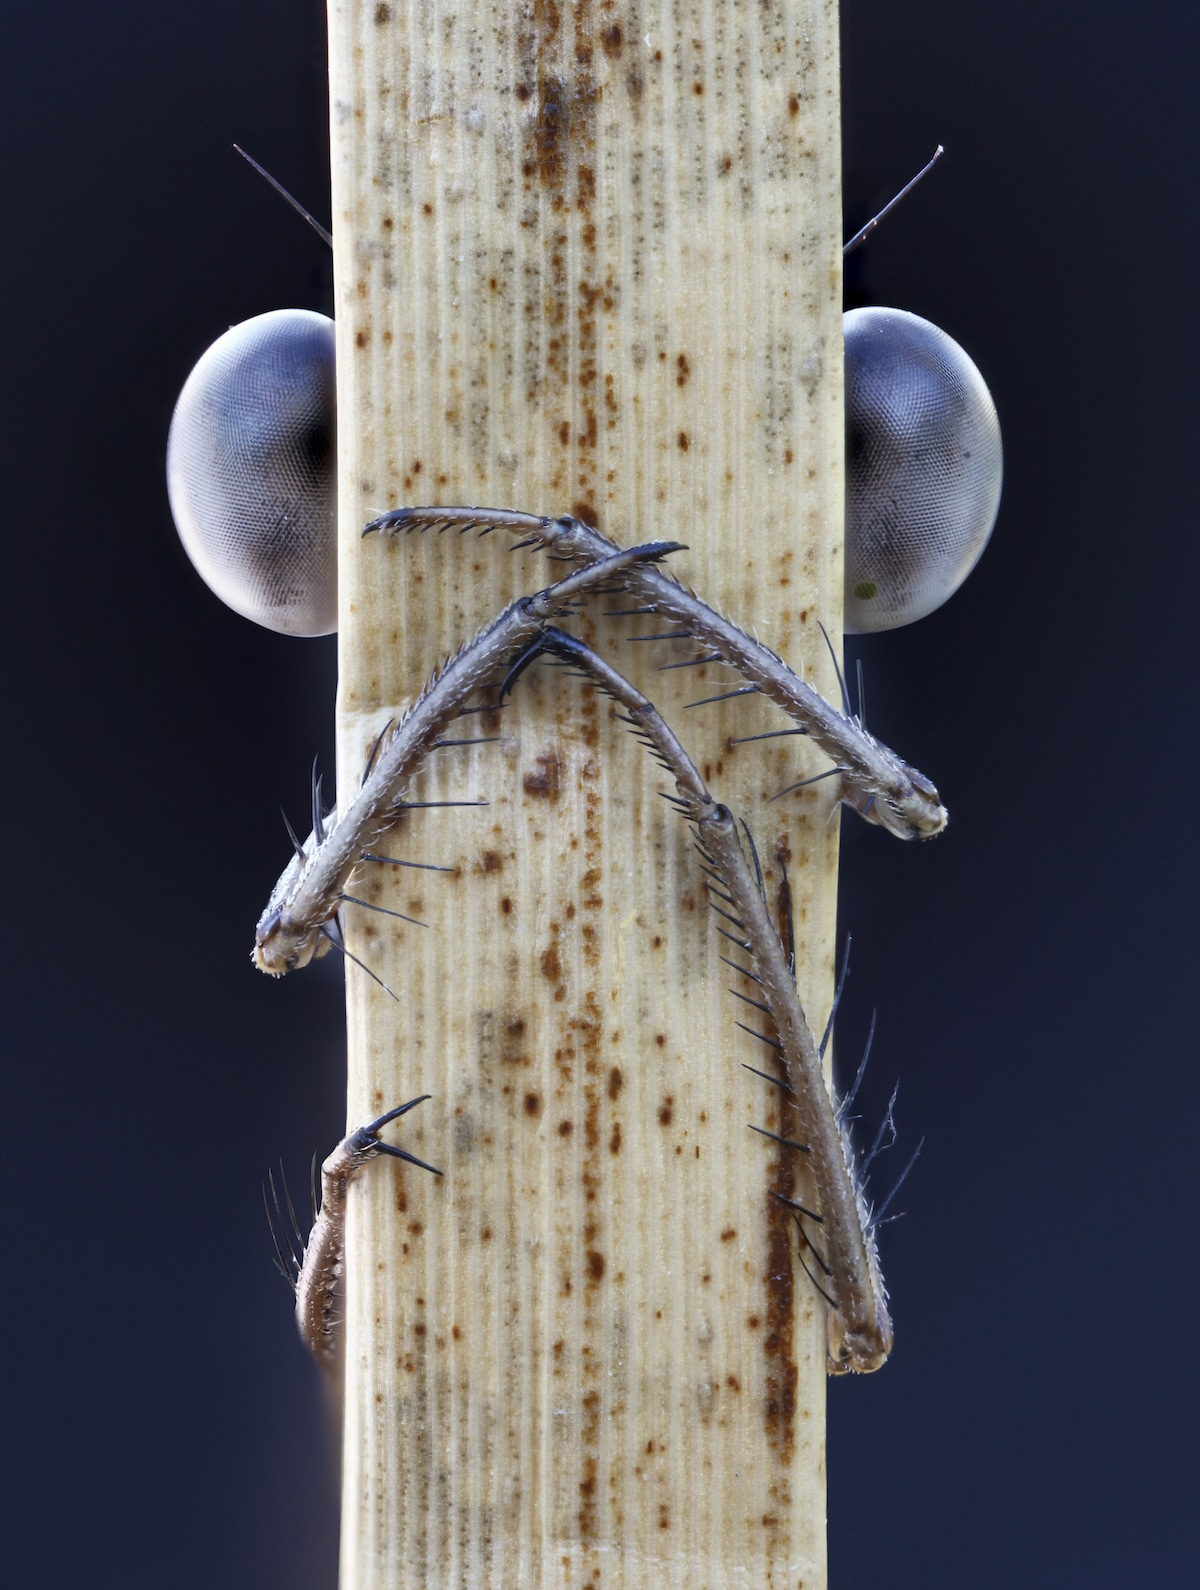 Insect Photograper John Hallmén